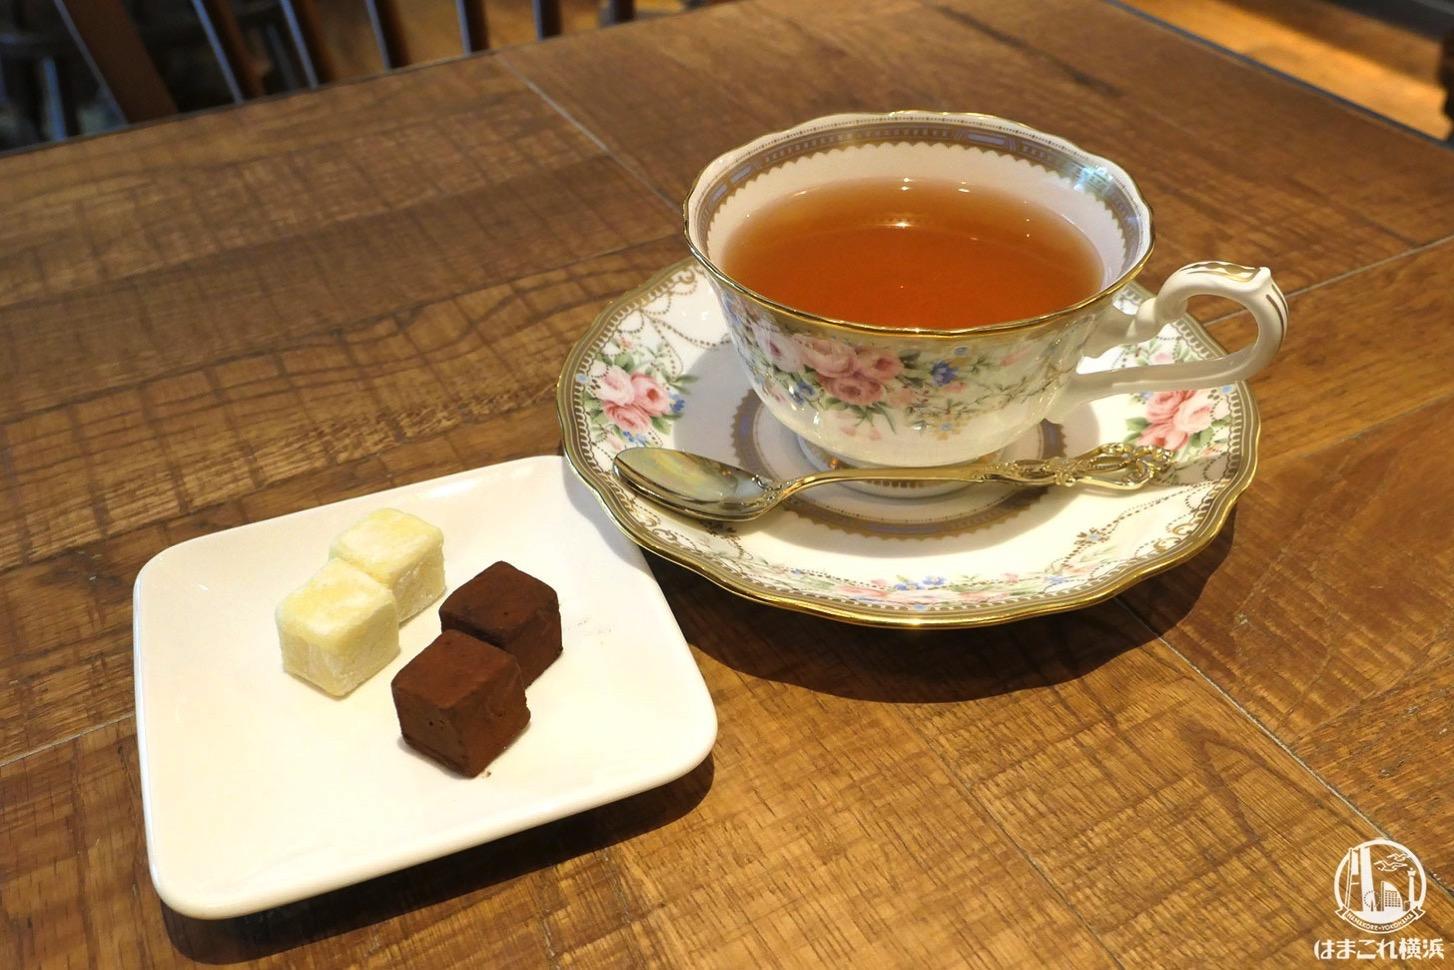 シルスマリア馬車道本店はカフェ併設!生チョコ2種セットとカカオティーでまったり